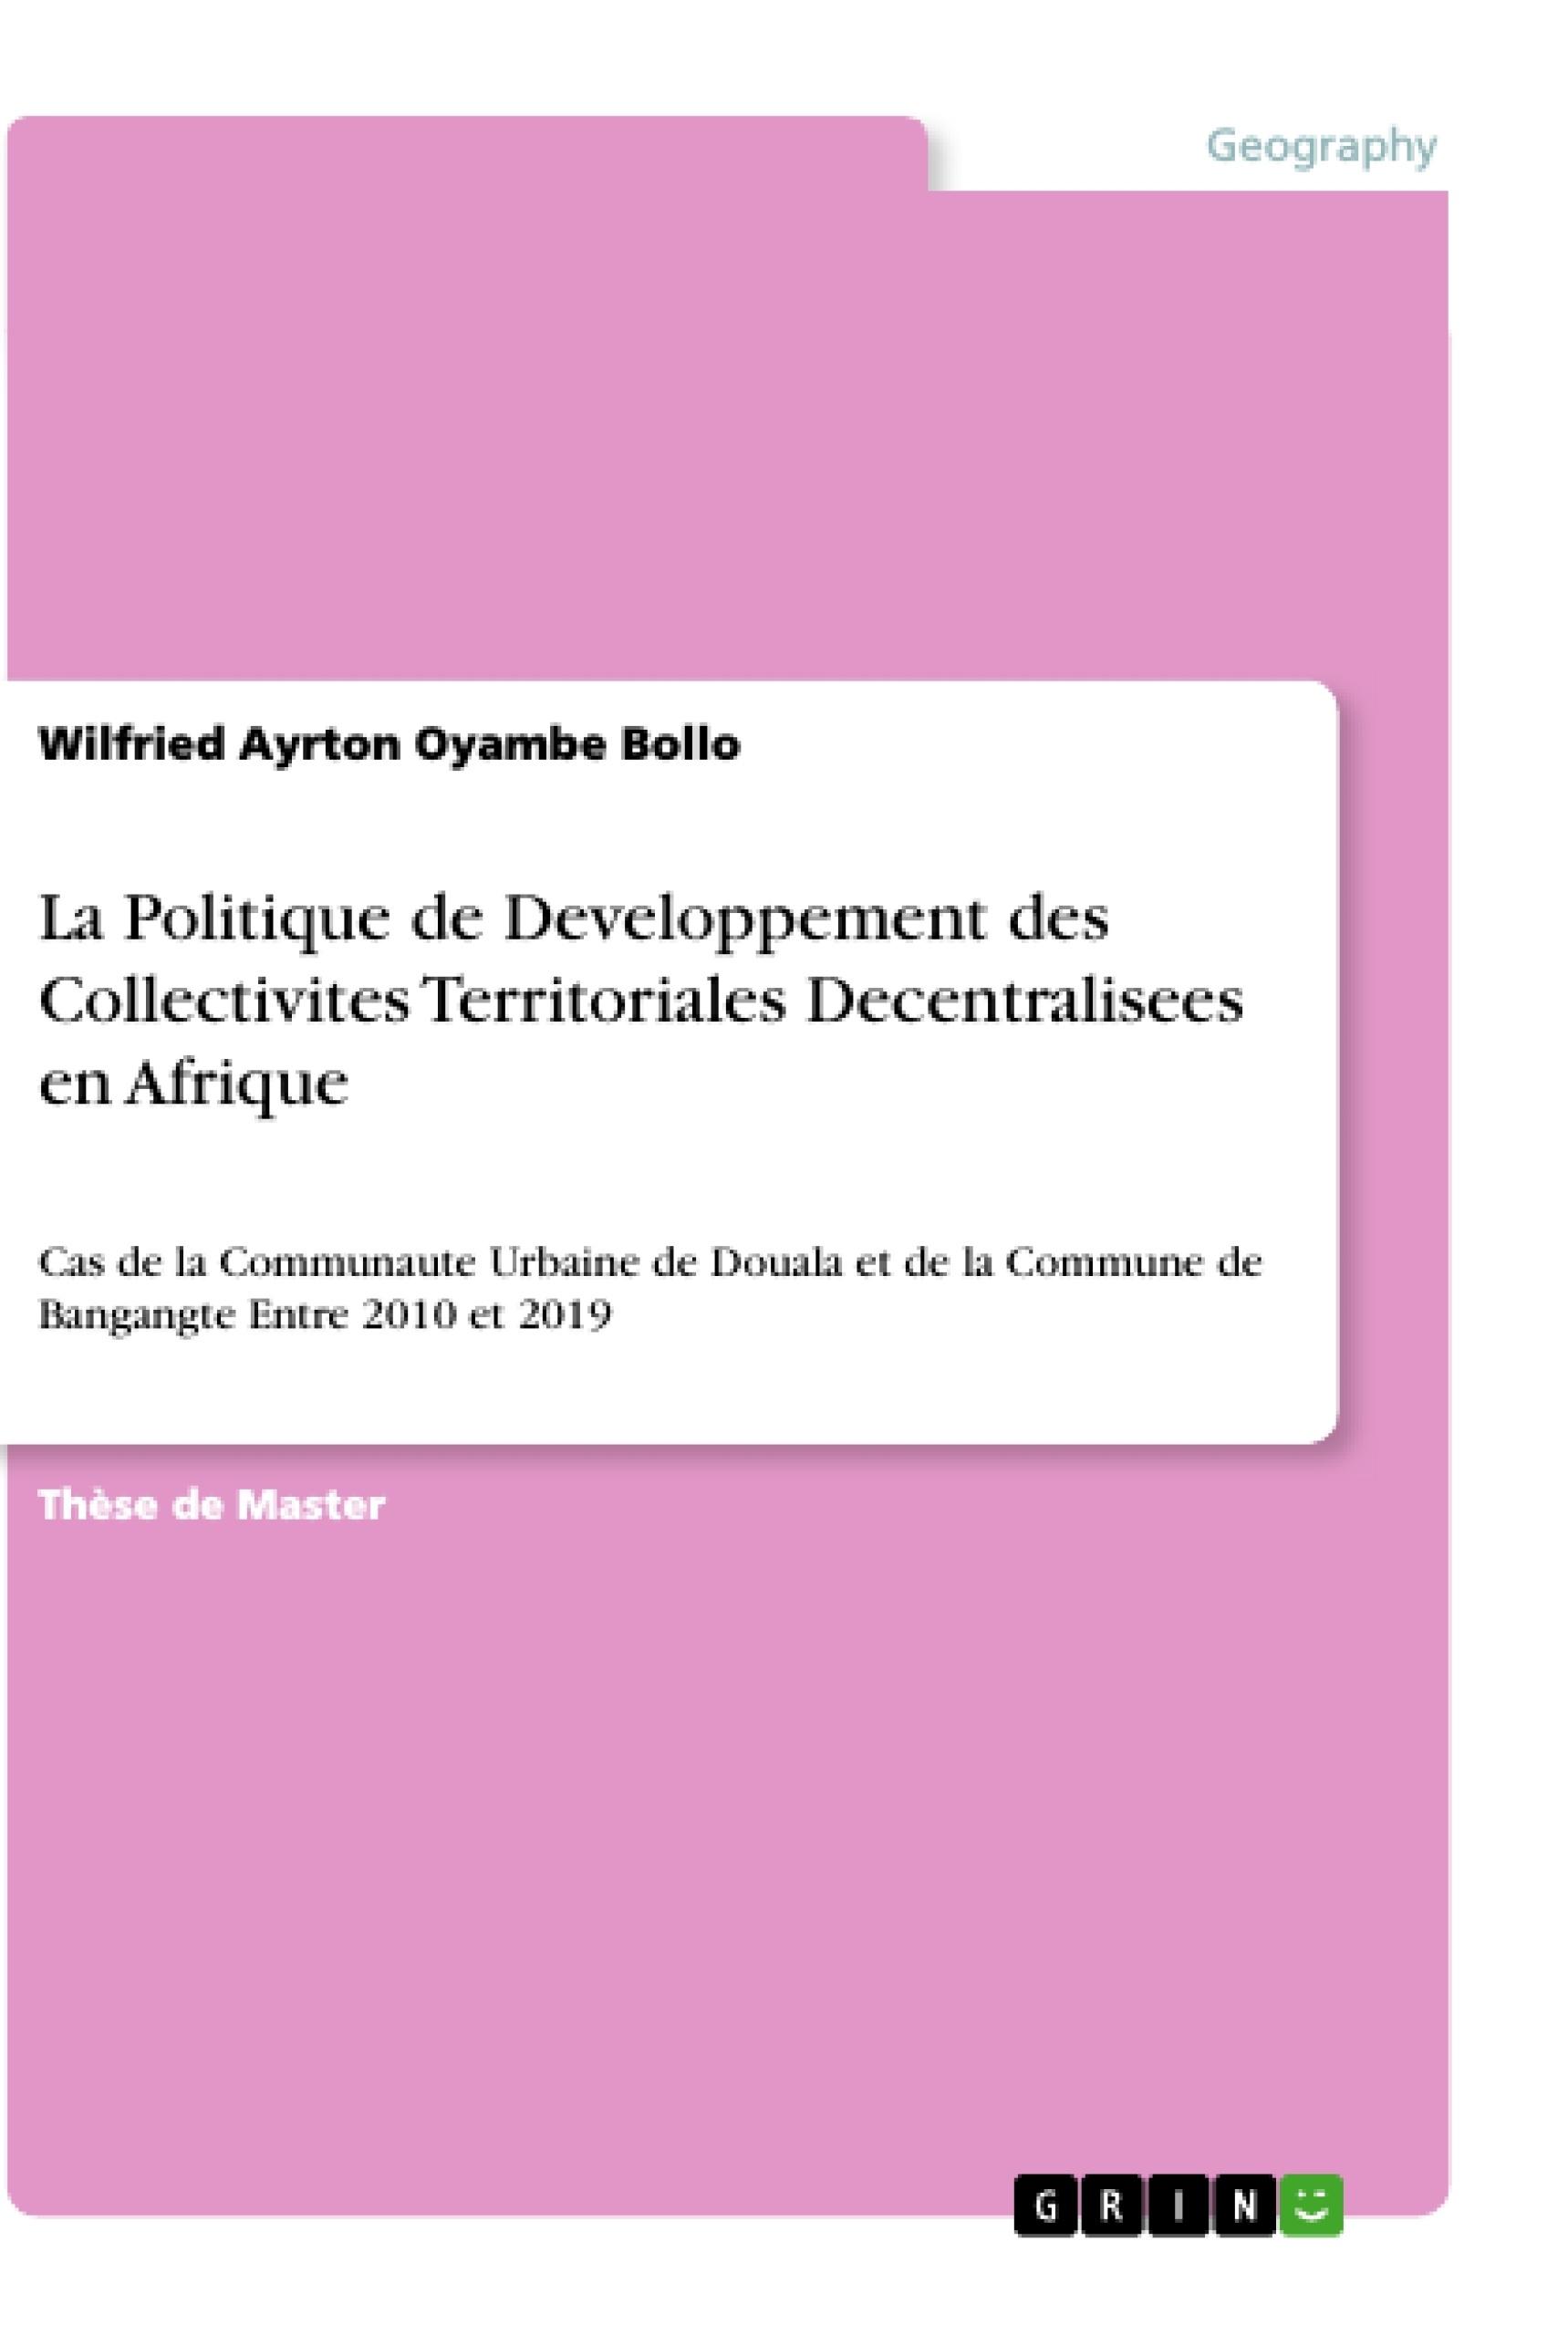 Titre: La Politique de Developpement des Collectivites Territoriales Decentralisees en Afrique